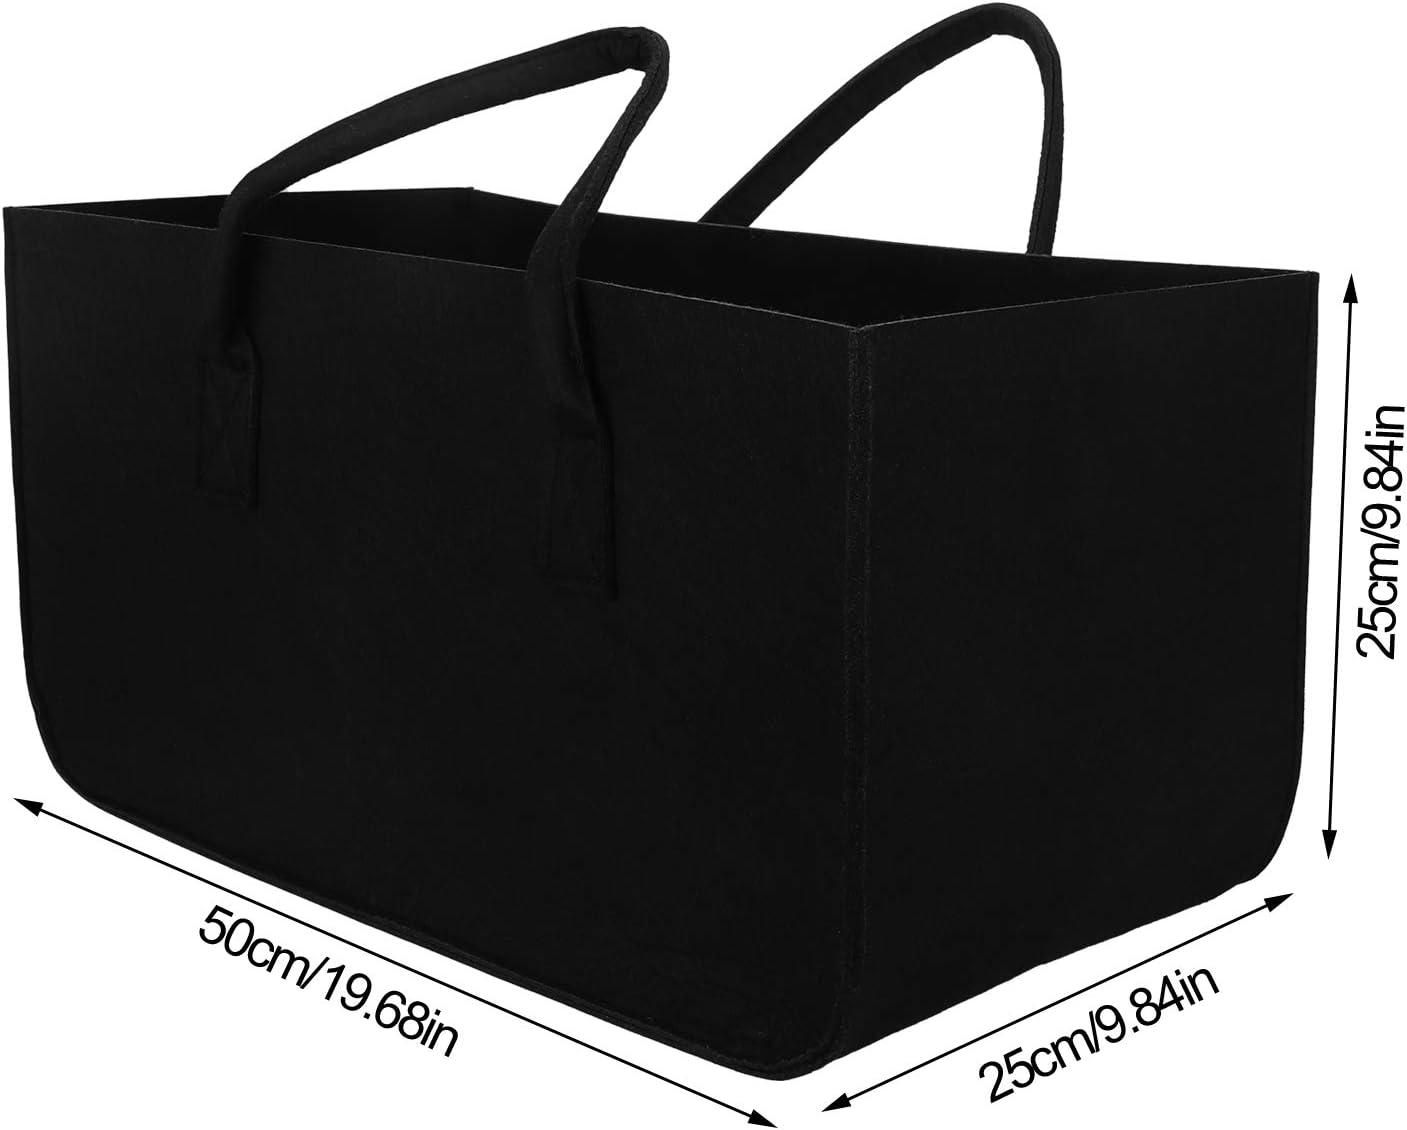 Sinwind 2 borse in feltro per legna da camino cestino per la legna borsa in feltro per la spesa shopper in feltro pieghevole cestino per la spesa 50 x 25 x 25 cm cestino per giornali grande